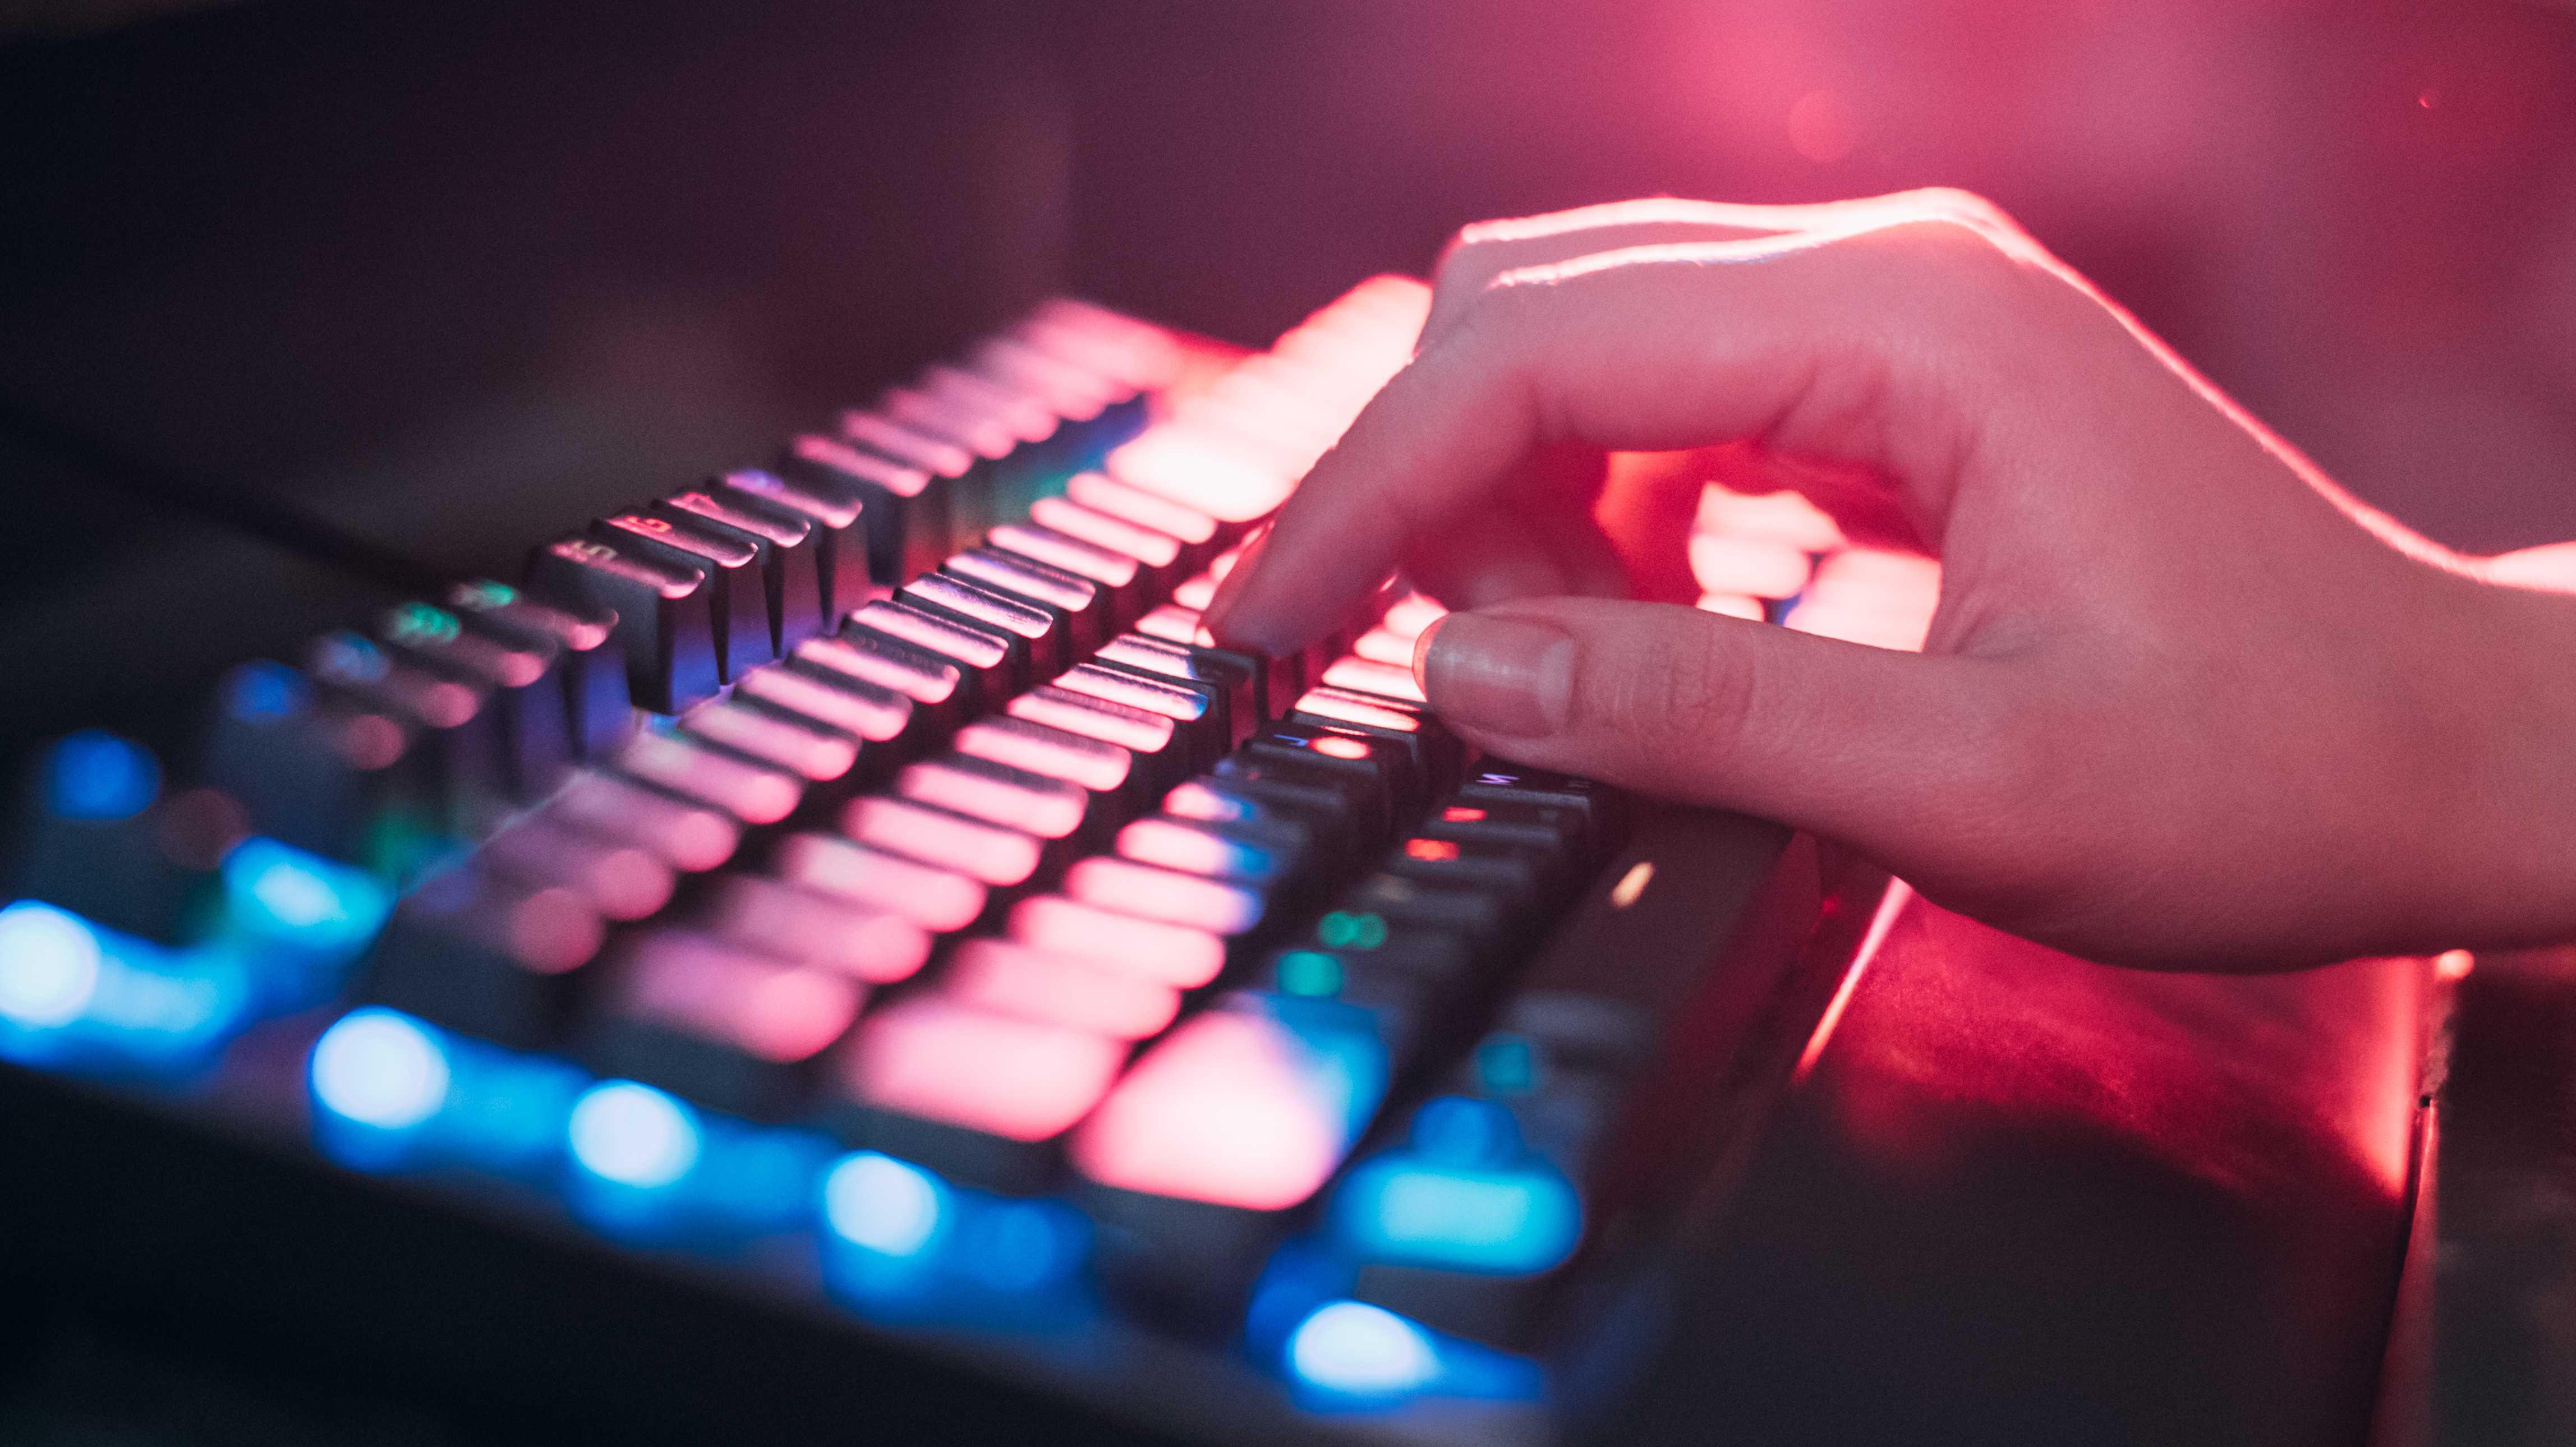 Anklage wegen Betrugs mittels elektronischer SIM-Karten